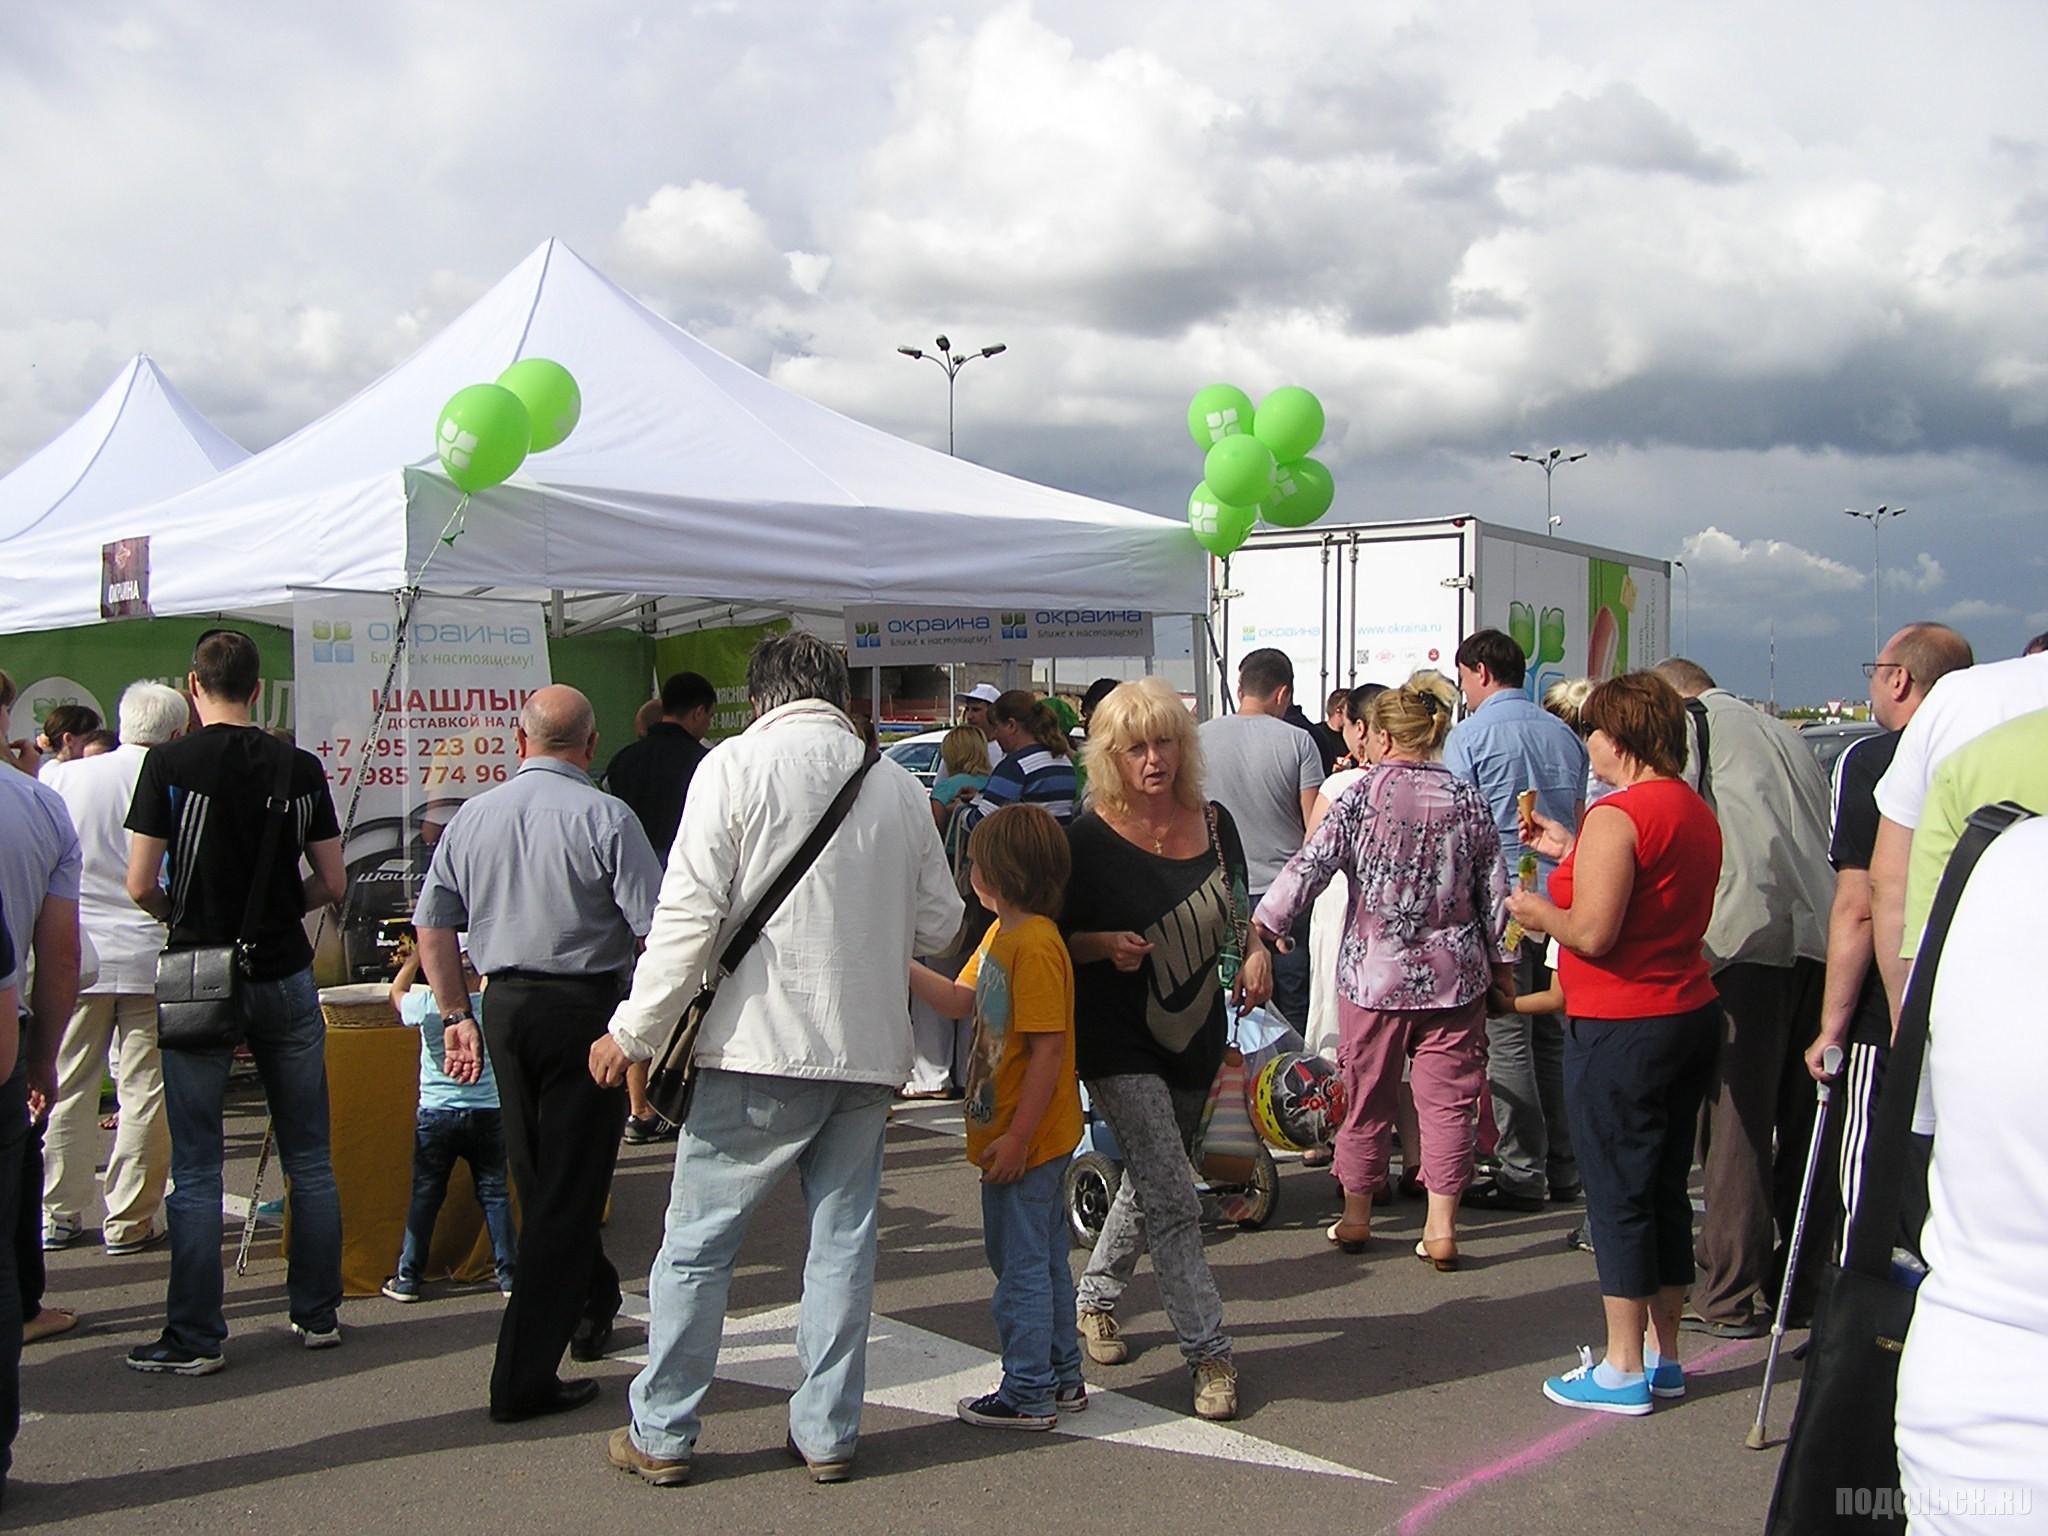 Грильмания в Климовске, 11 июля 2015 г. Дегустация шашлыка.